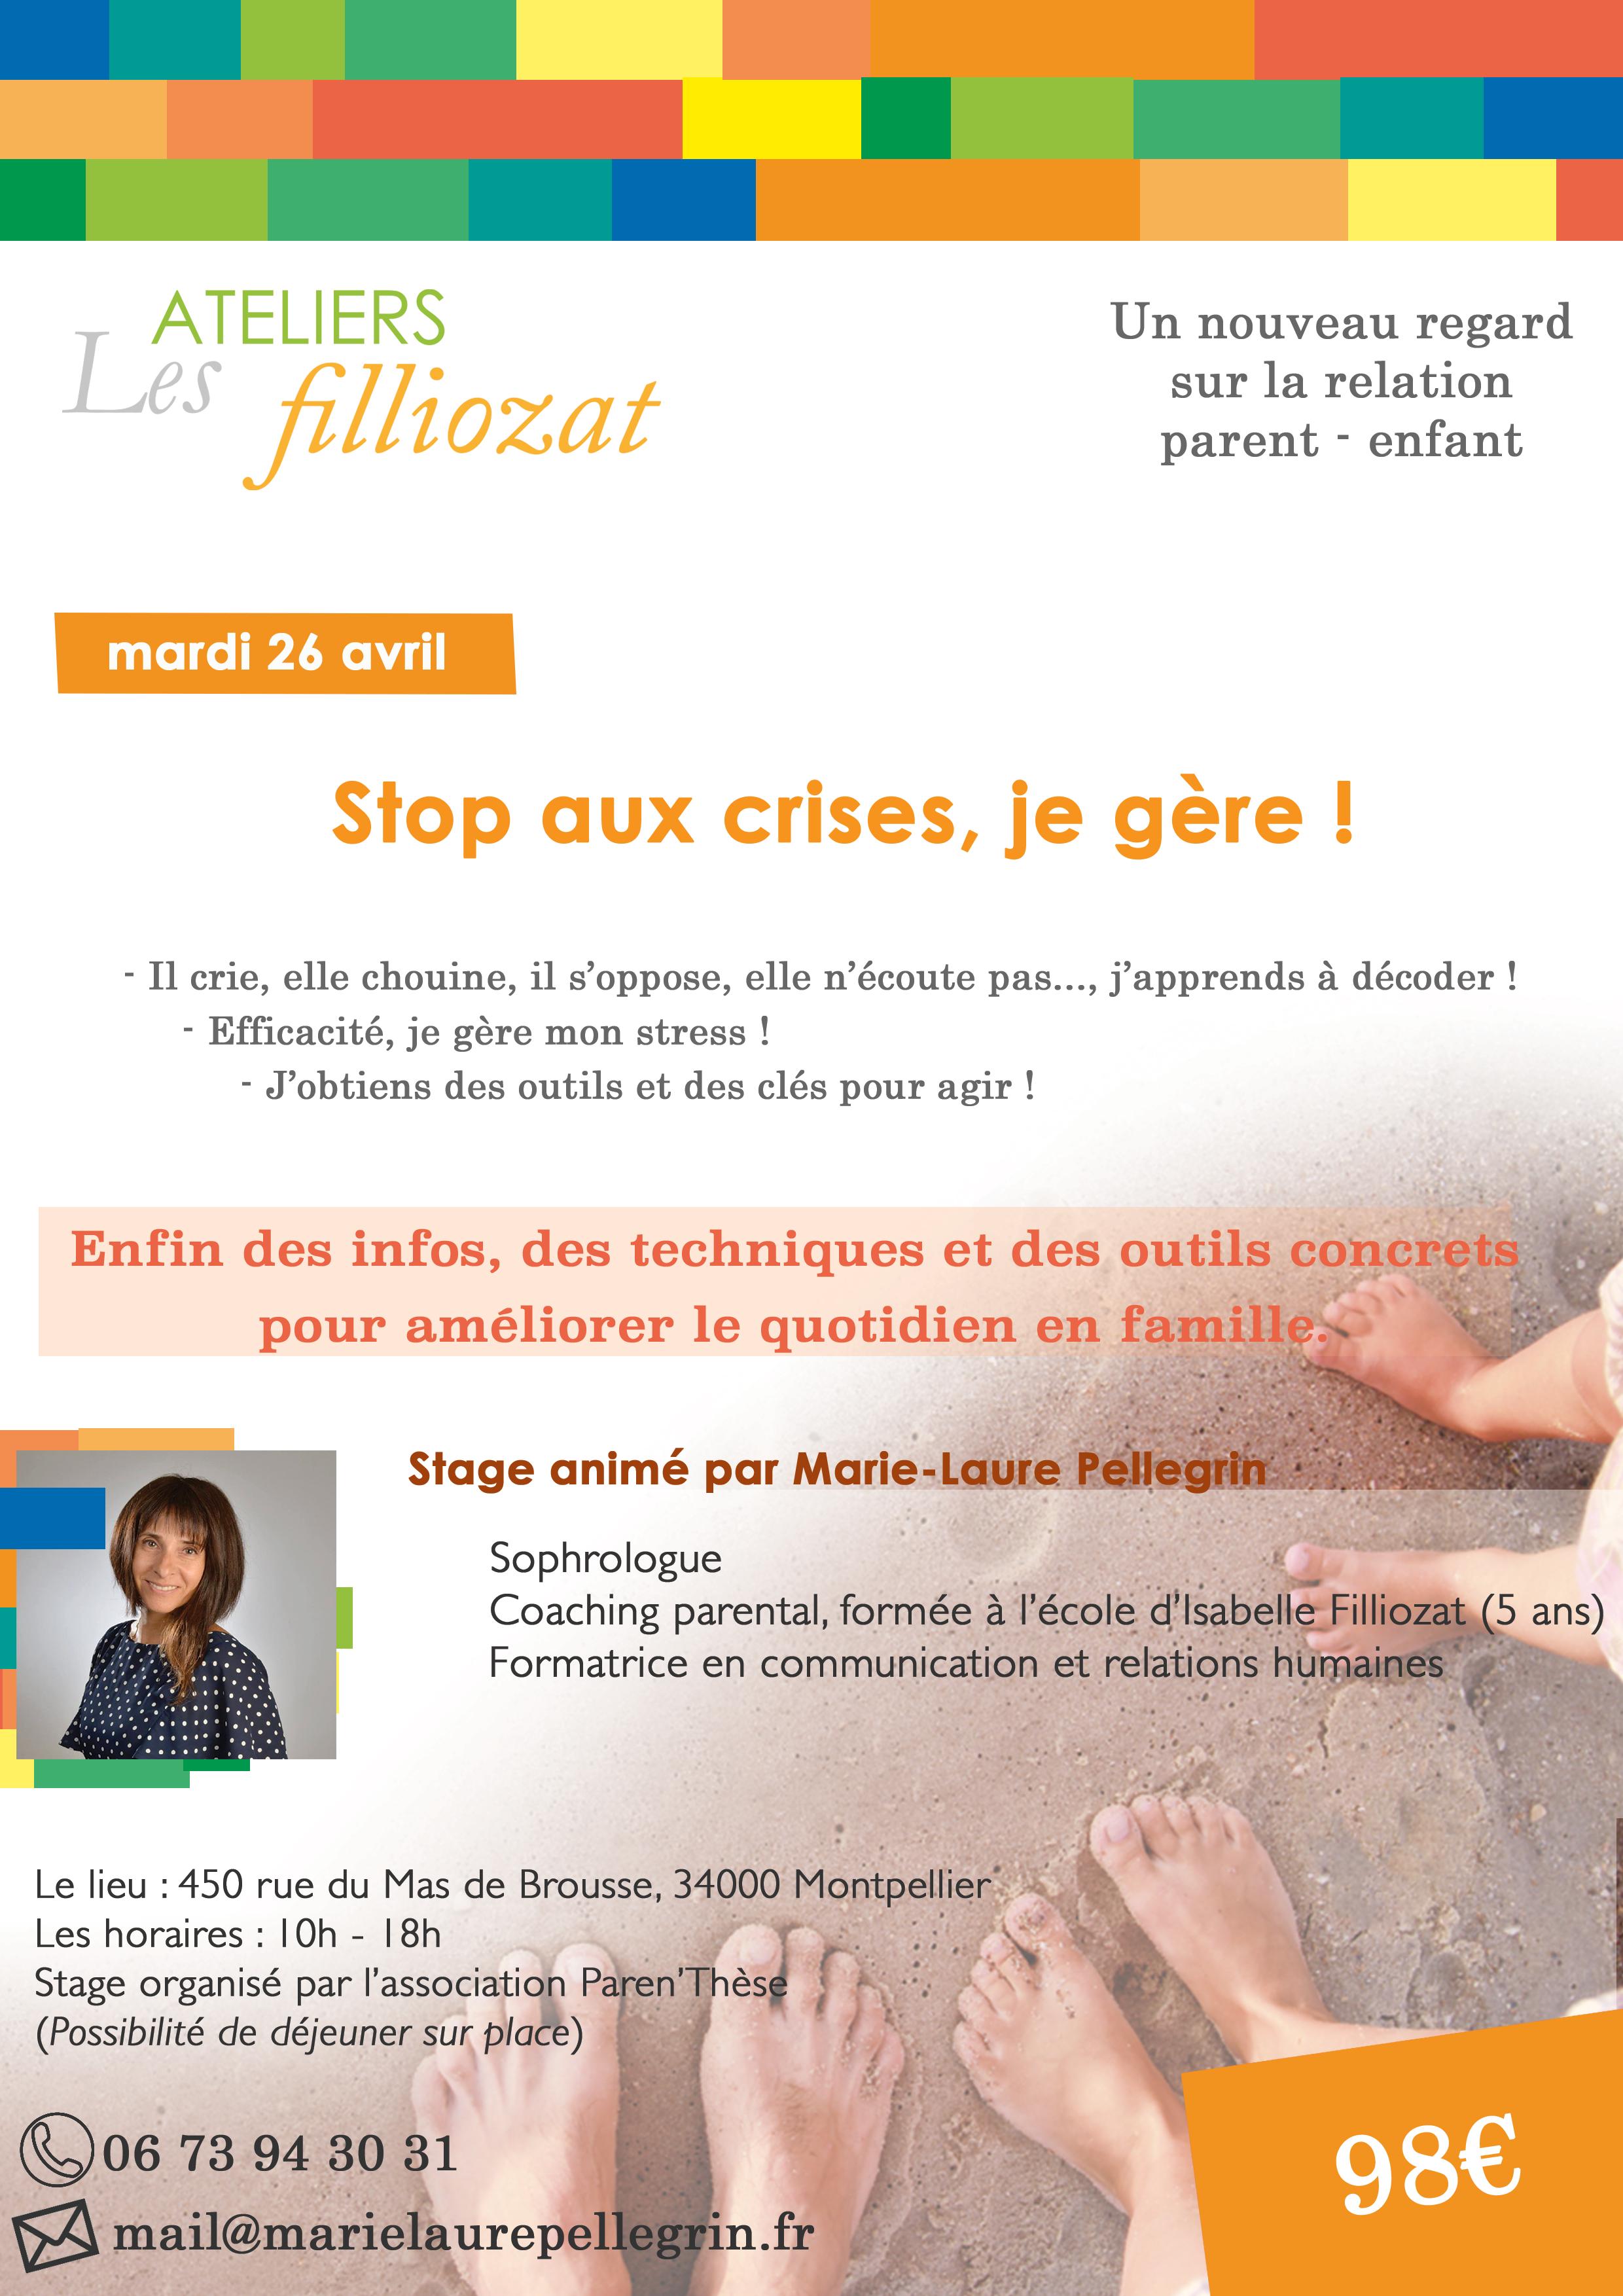 Affiche-Face-aux-crises